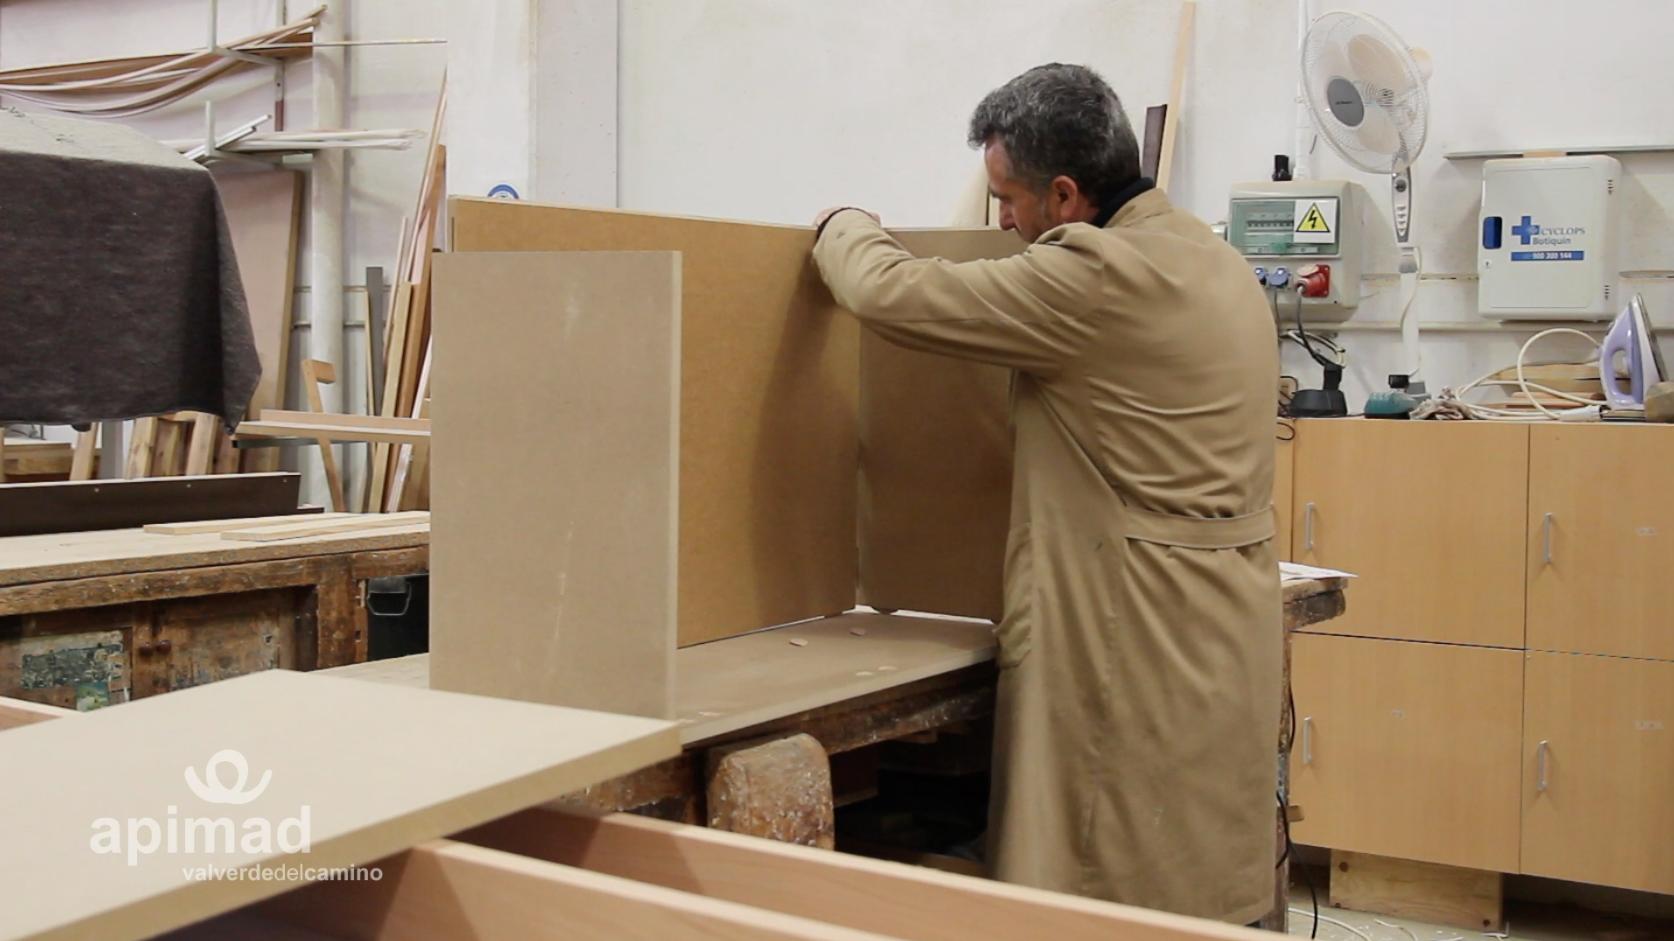 Artesanos del mueble a medida: conoce a Muebles Mudeval